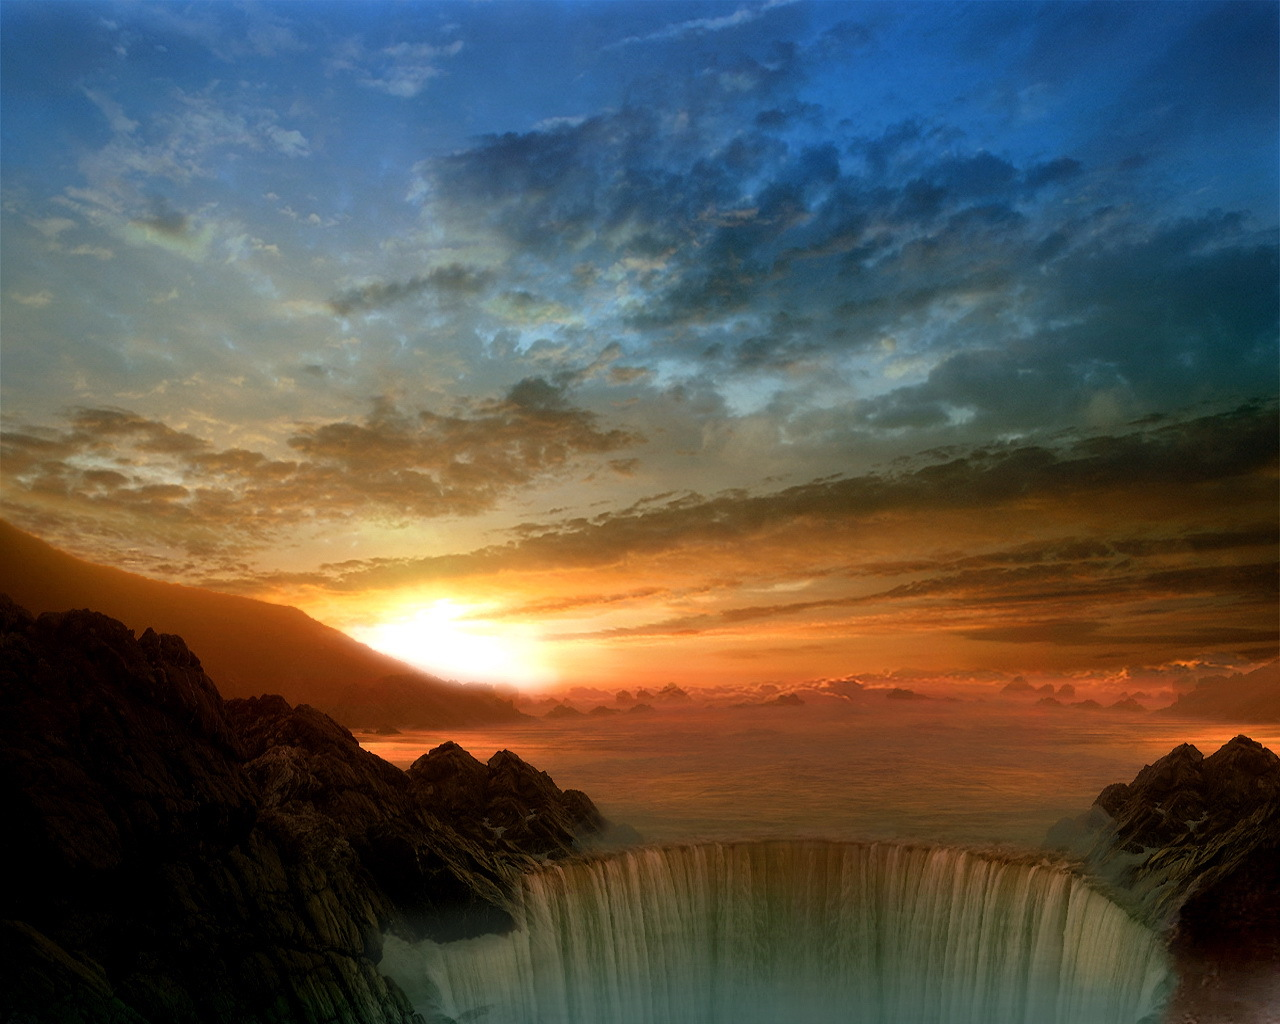 11196 скачать обои Пейзаж, Вода, Закат, Небо, Солнце, Облака, Водопады - заставки и картинки бесплатно